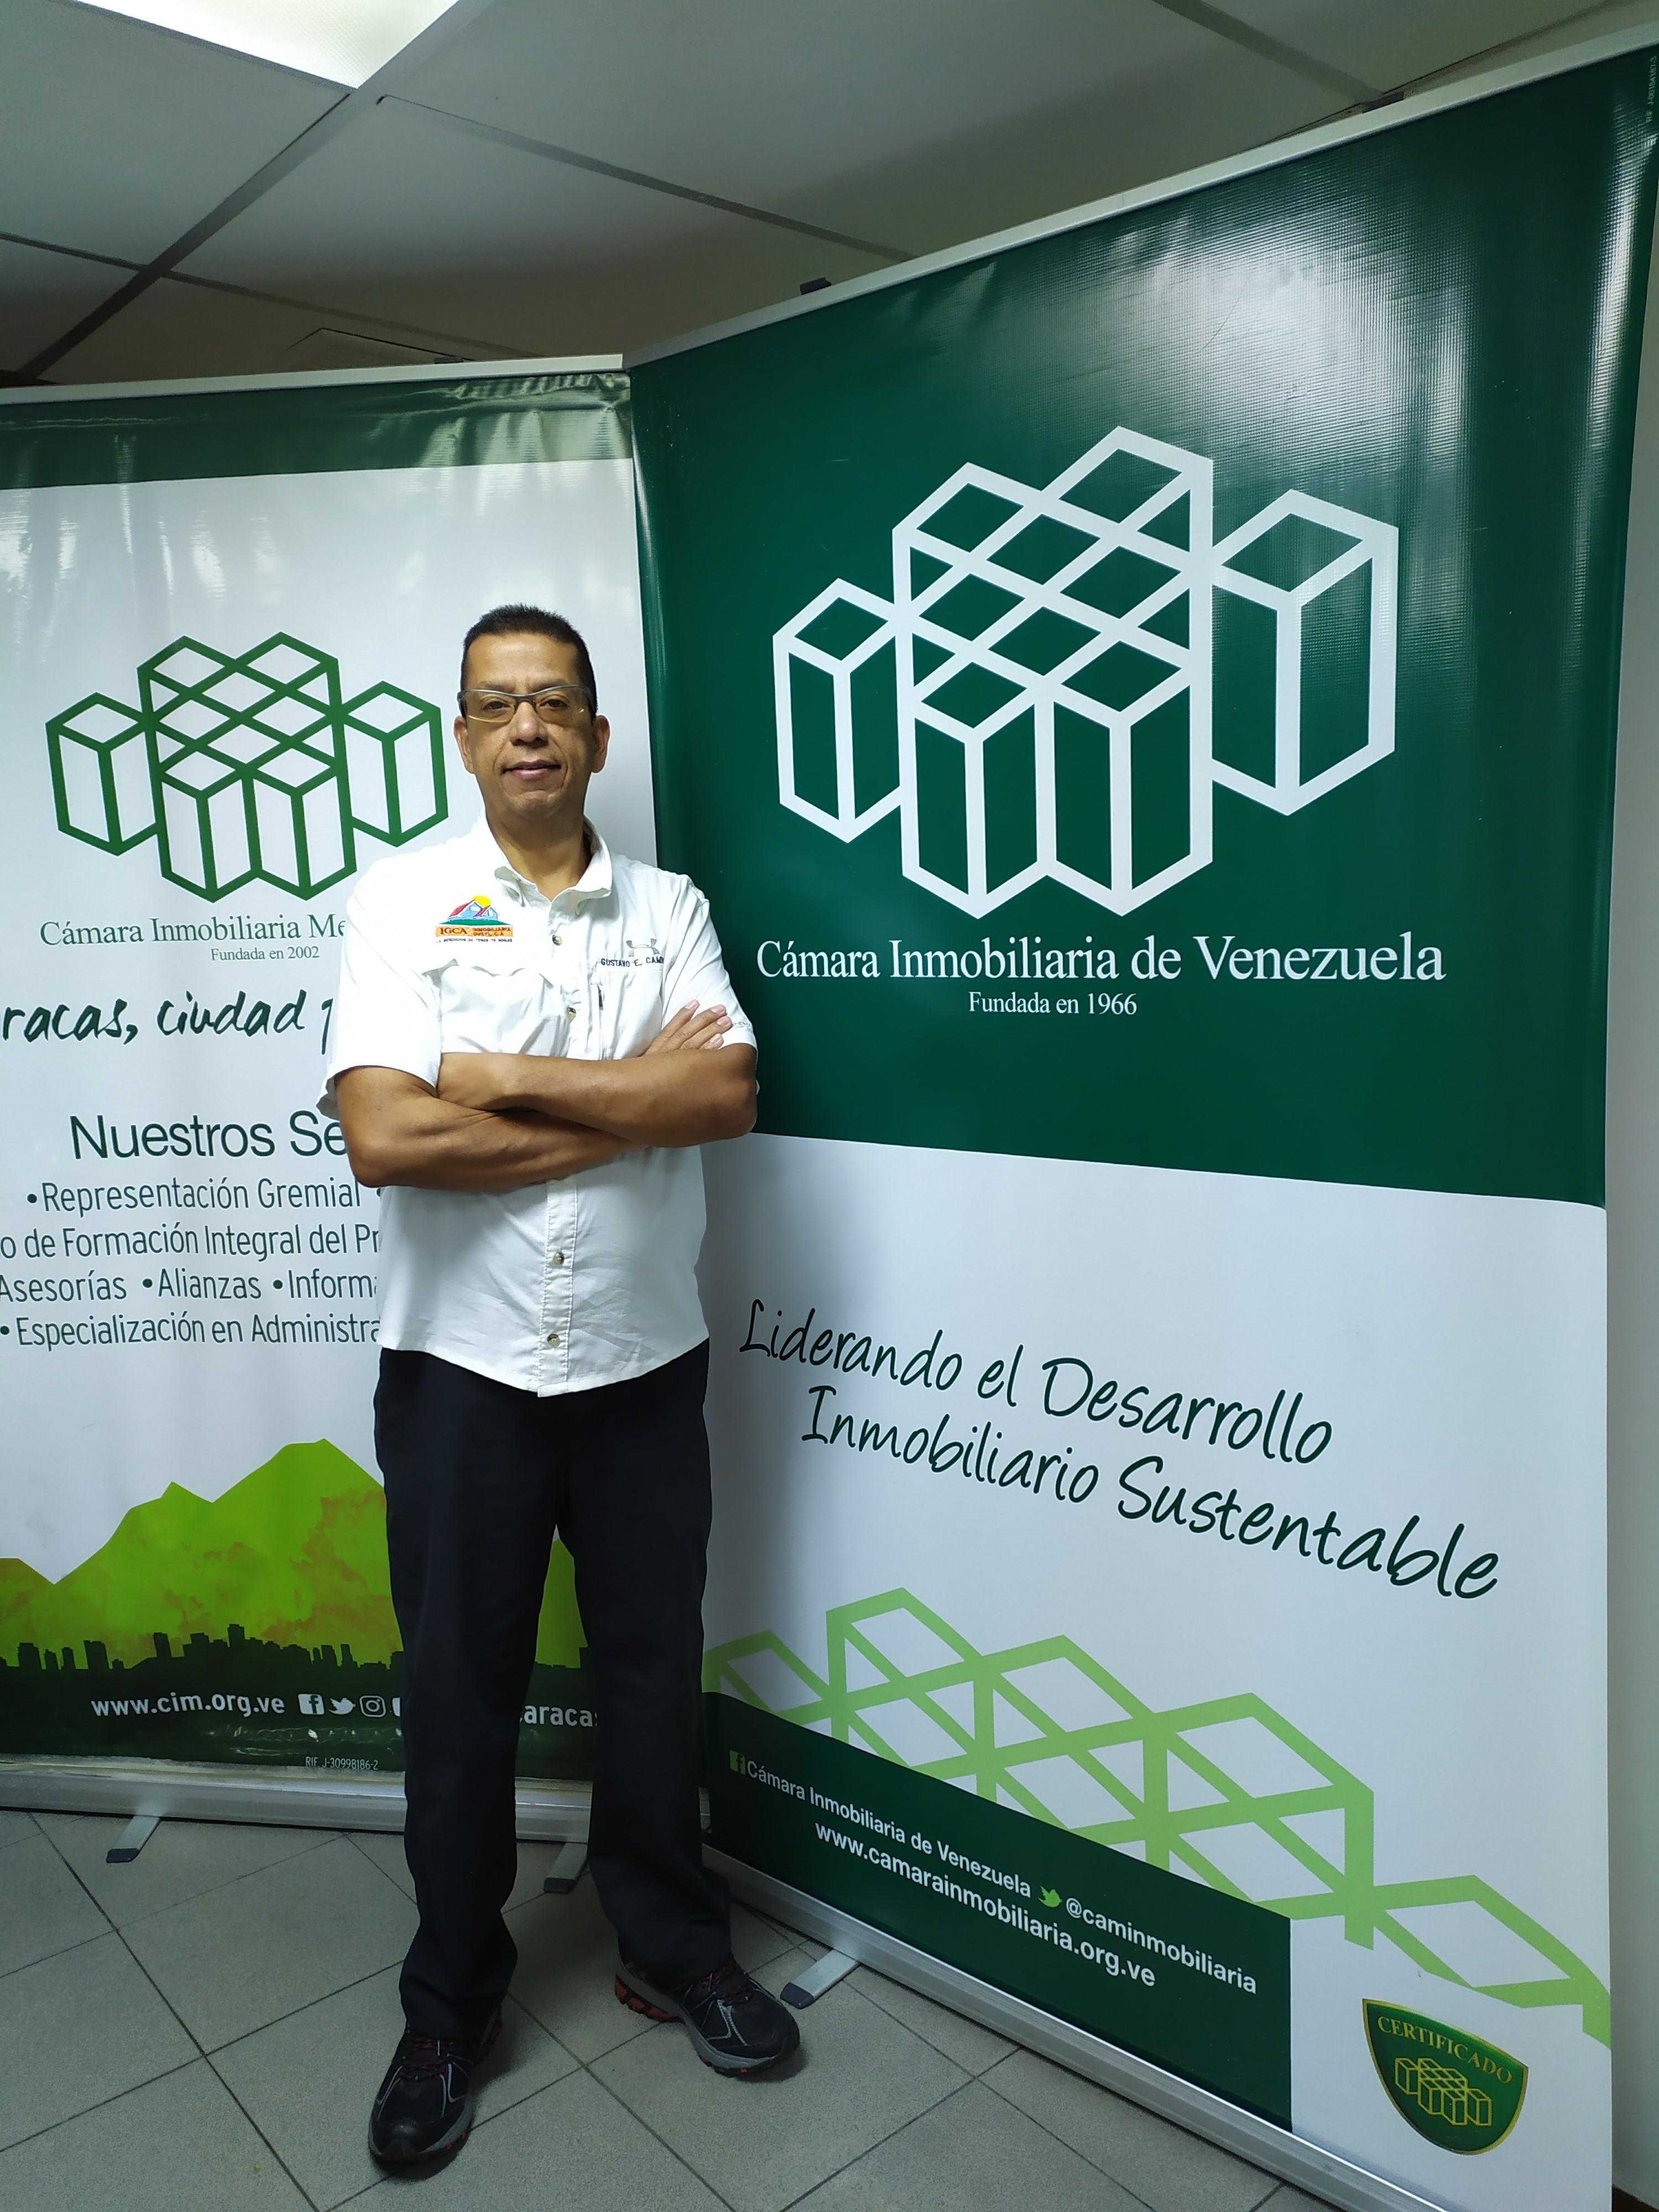 Gustavo Enrique Campos Campos